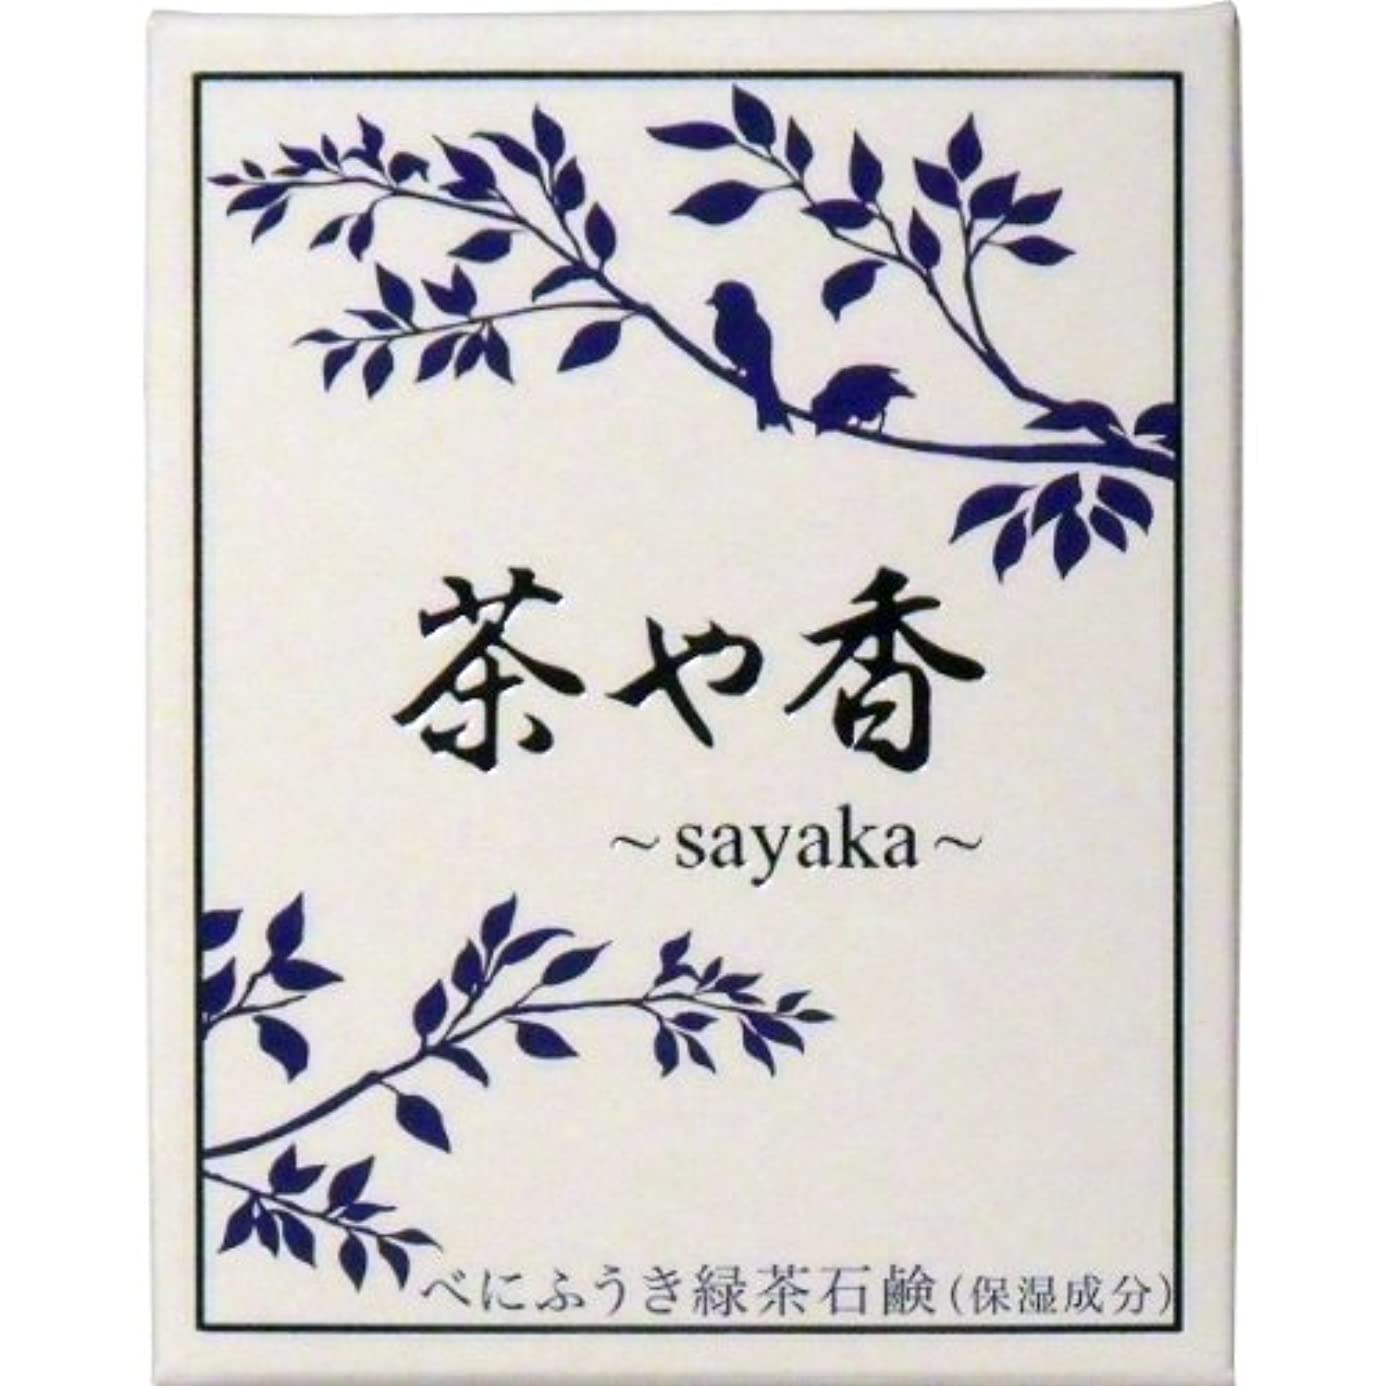 バター紳士反対に茶や香 -sayaka- べにふうき緑茶石鹸 100g入 ×3個セット